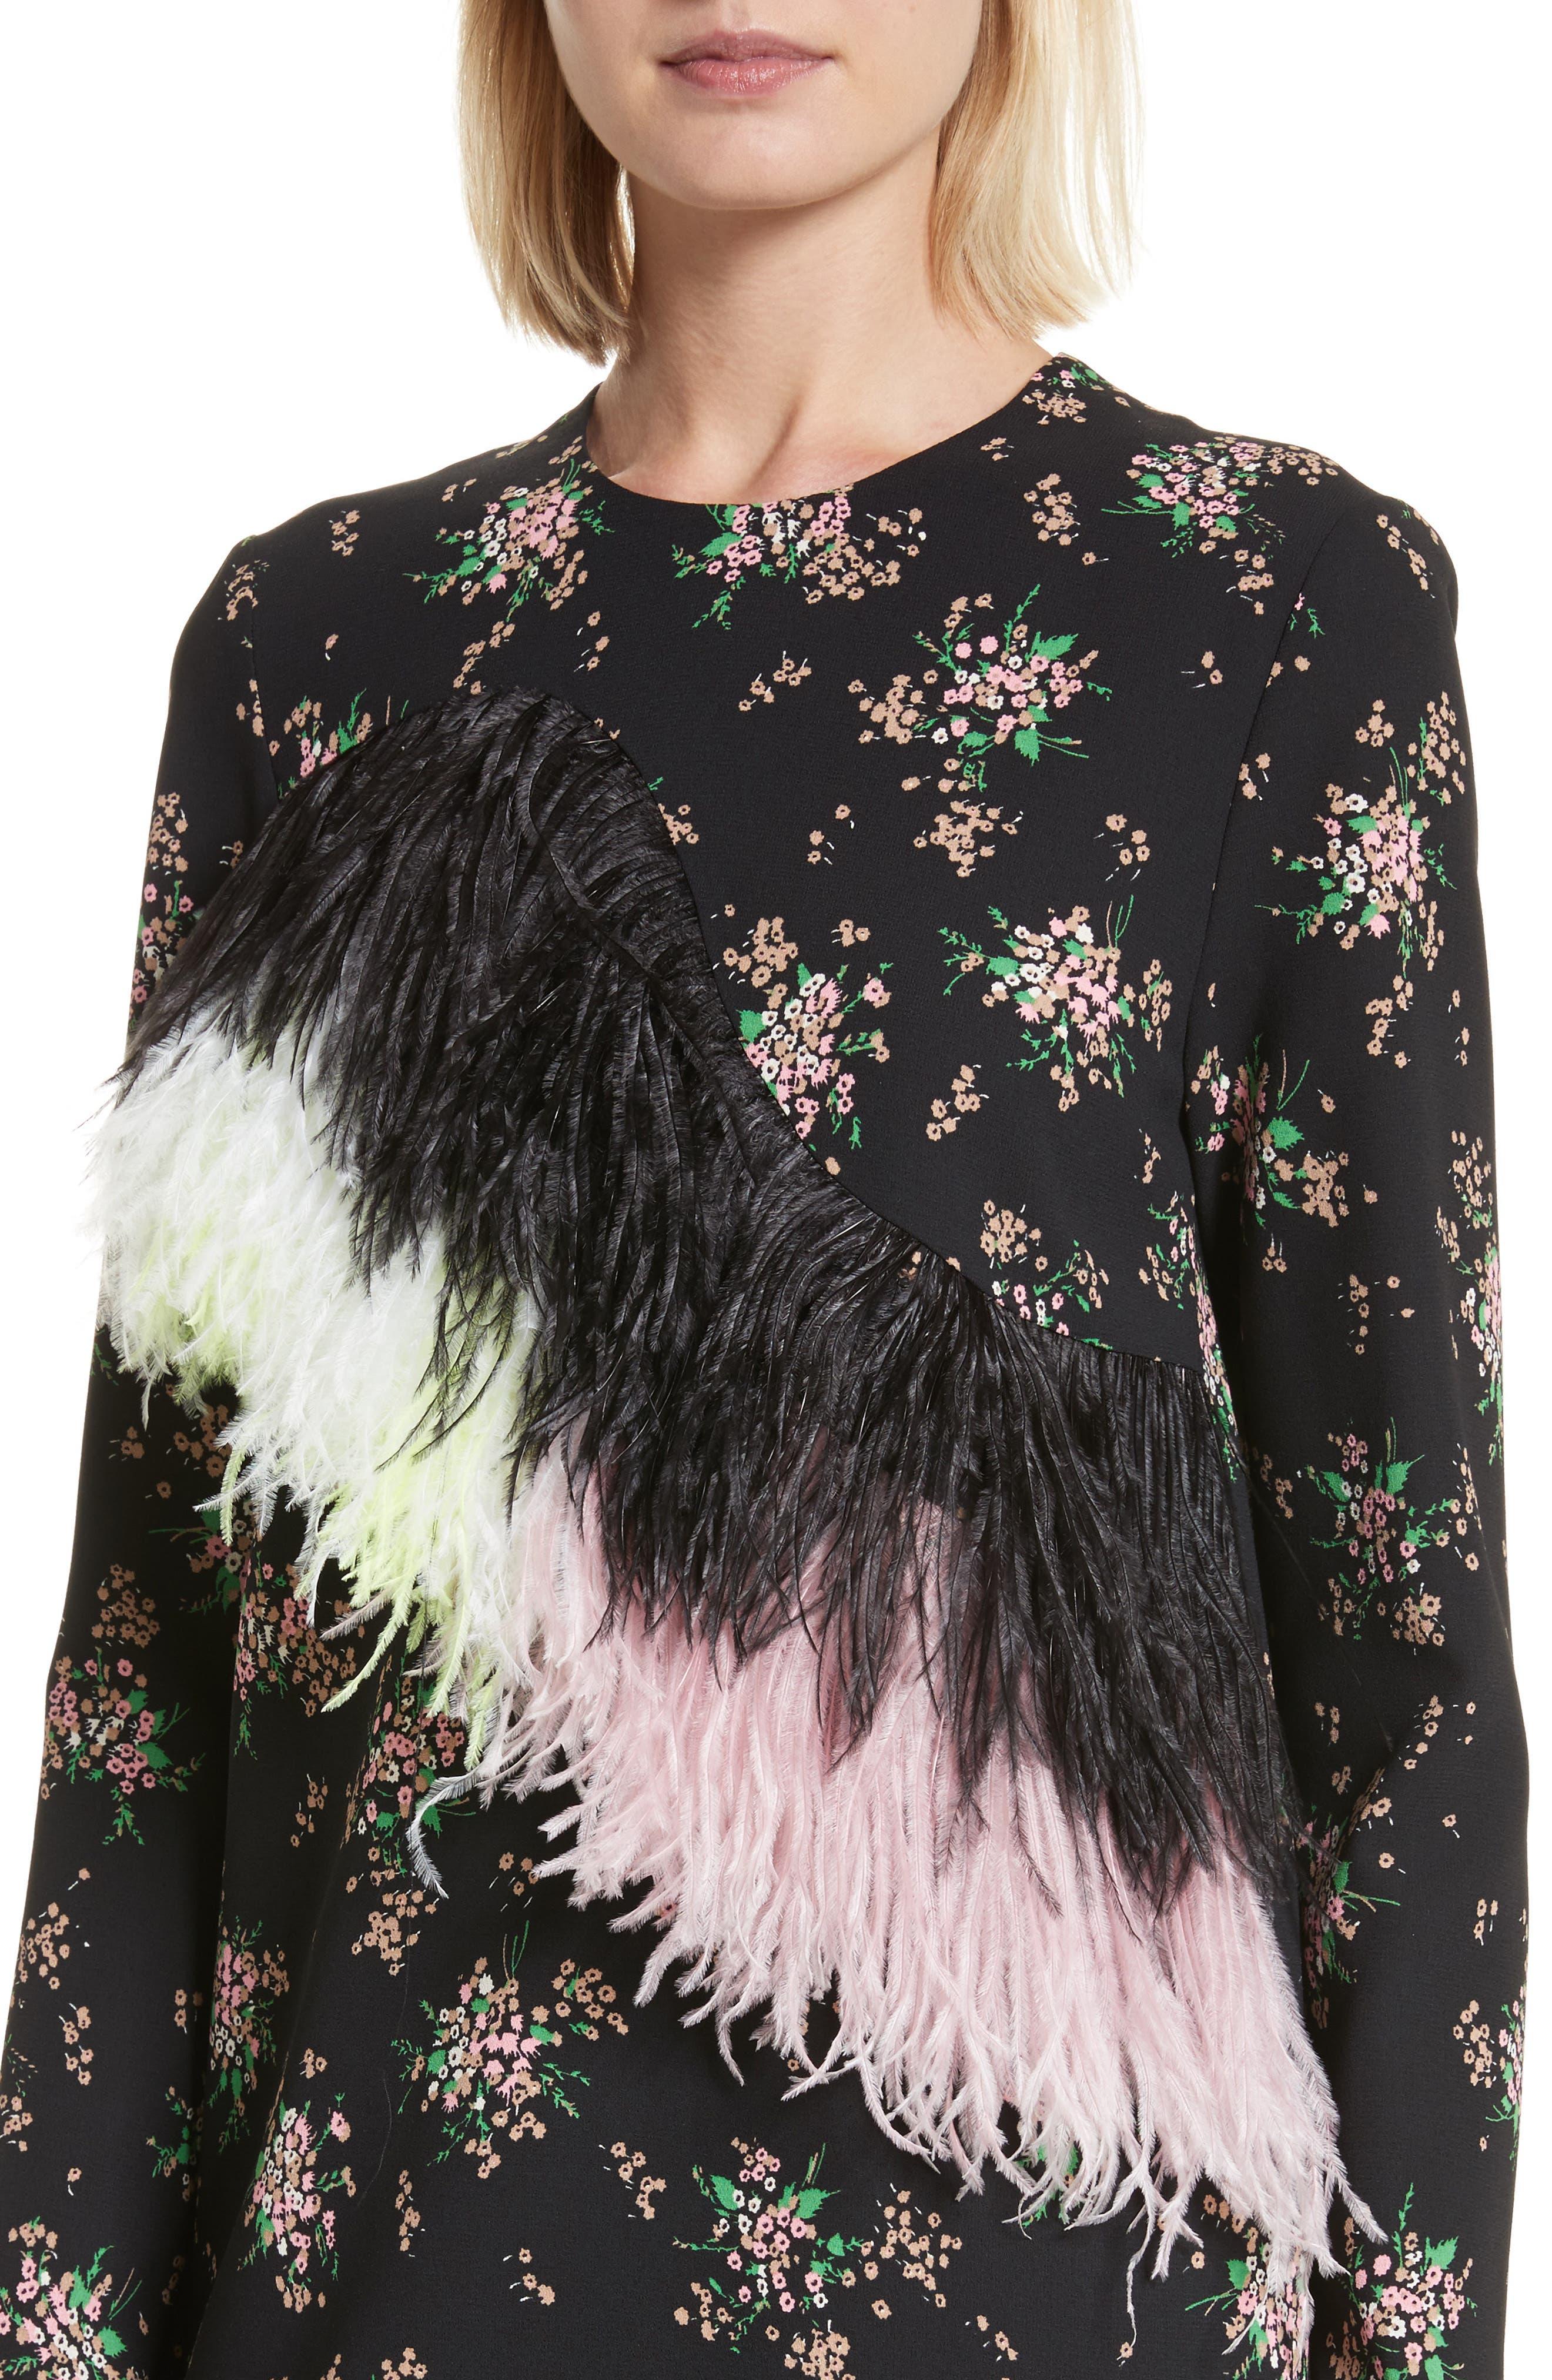 Ostrich Feather Trim Floral Print Dress,                             Alternate thumbnail 4, color,                             001